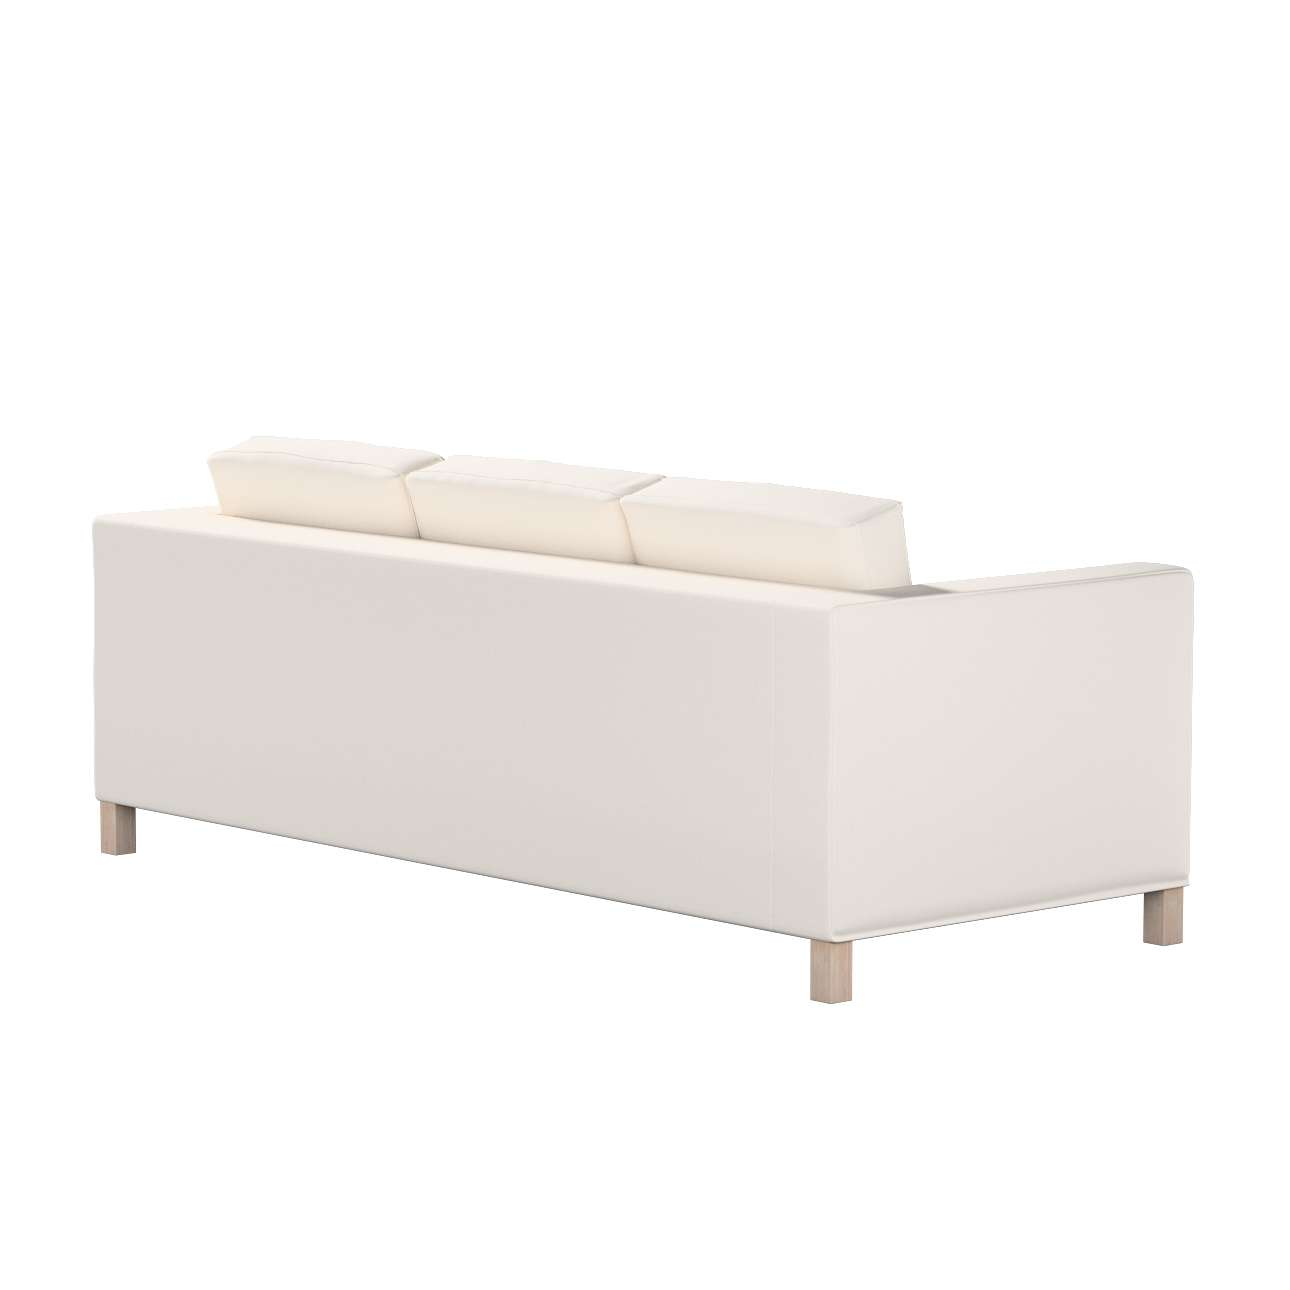 Bezug für Karlanda 3-Sitzer Sofa nicht ausklappbar, kurz von der Kollektion Etna, Stoff: 705-01